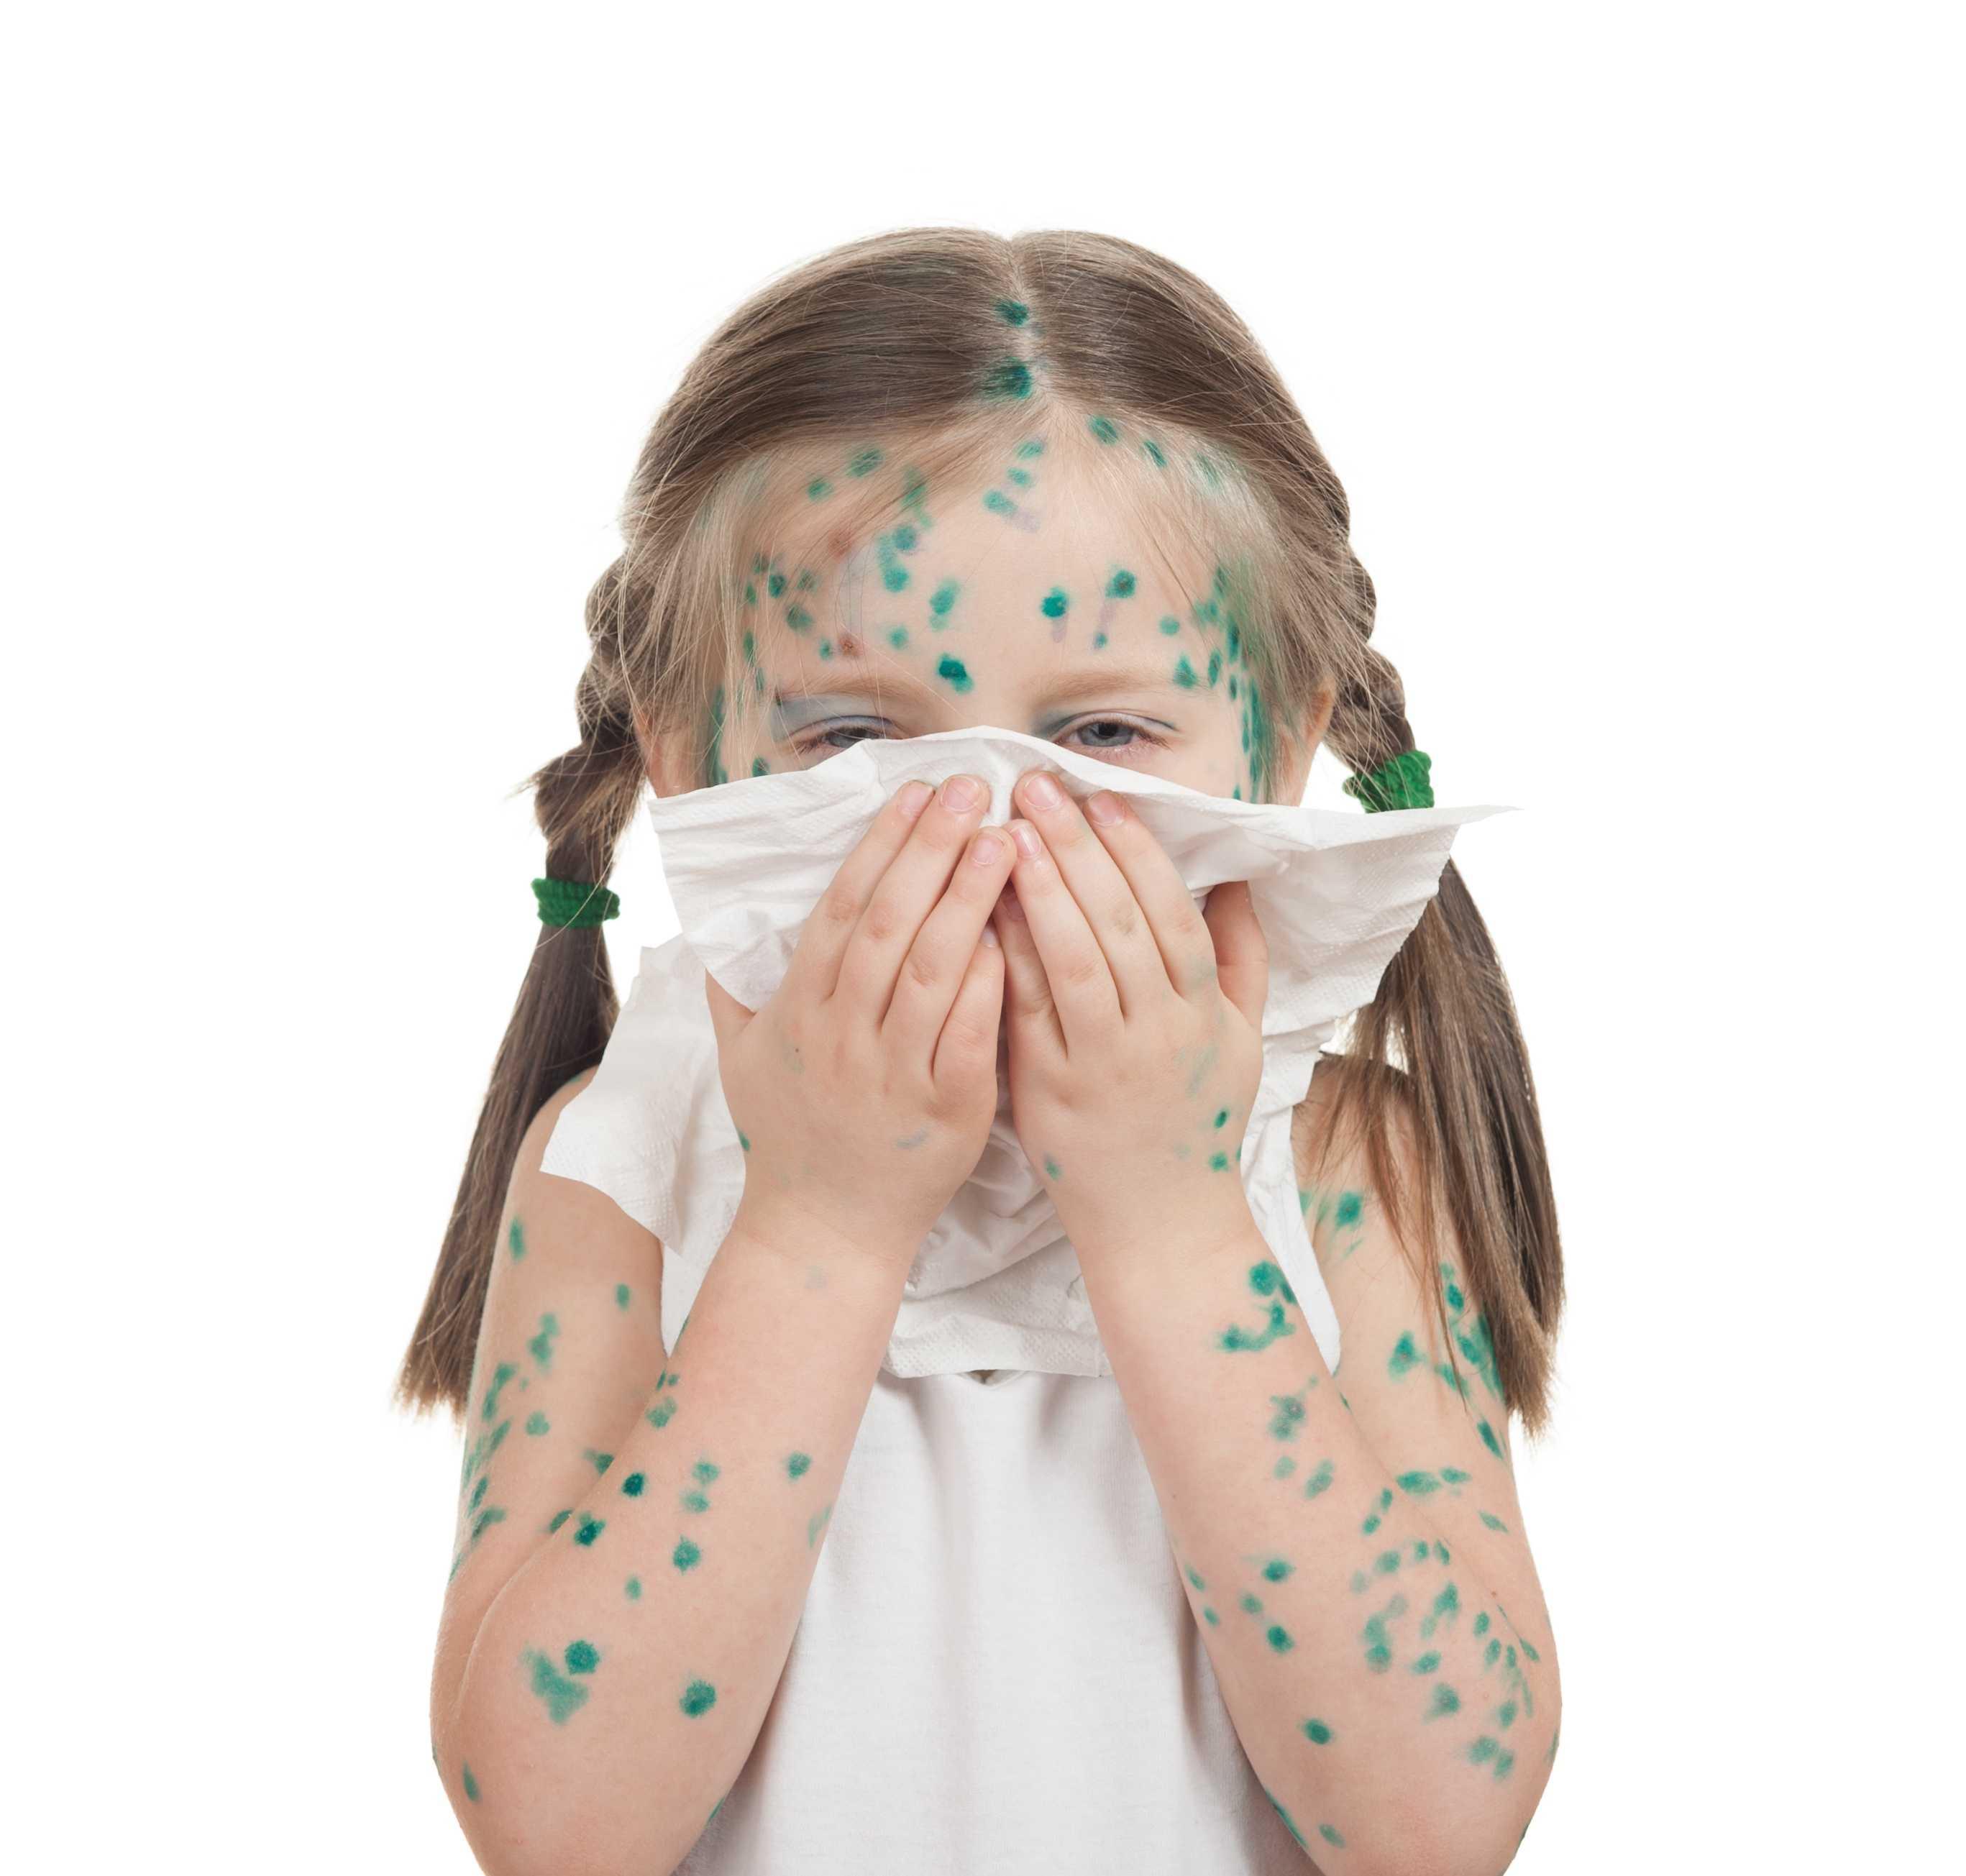 两岁孩子染上性病,已经不止一例,这些细节务必警惕!